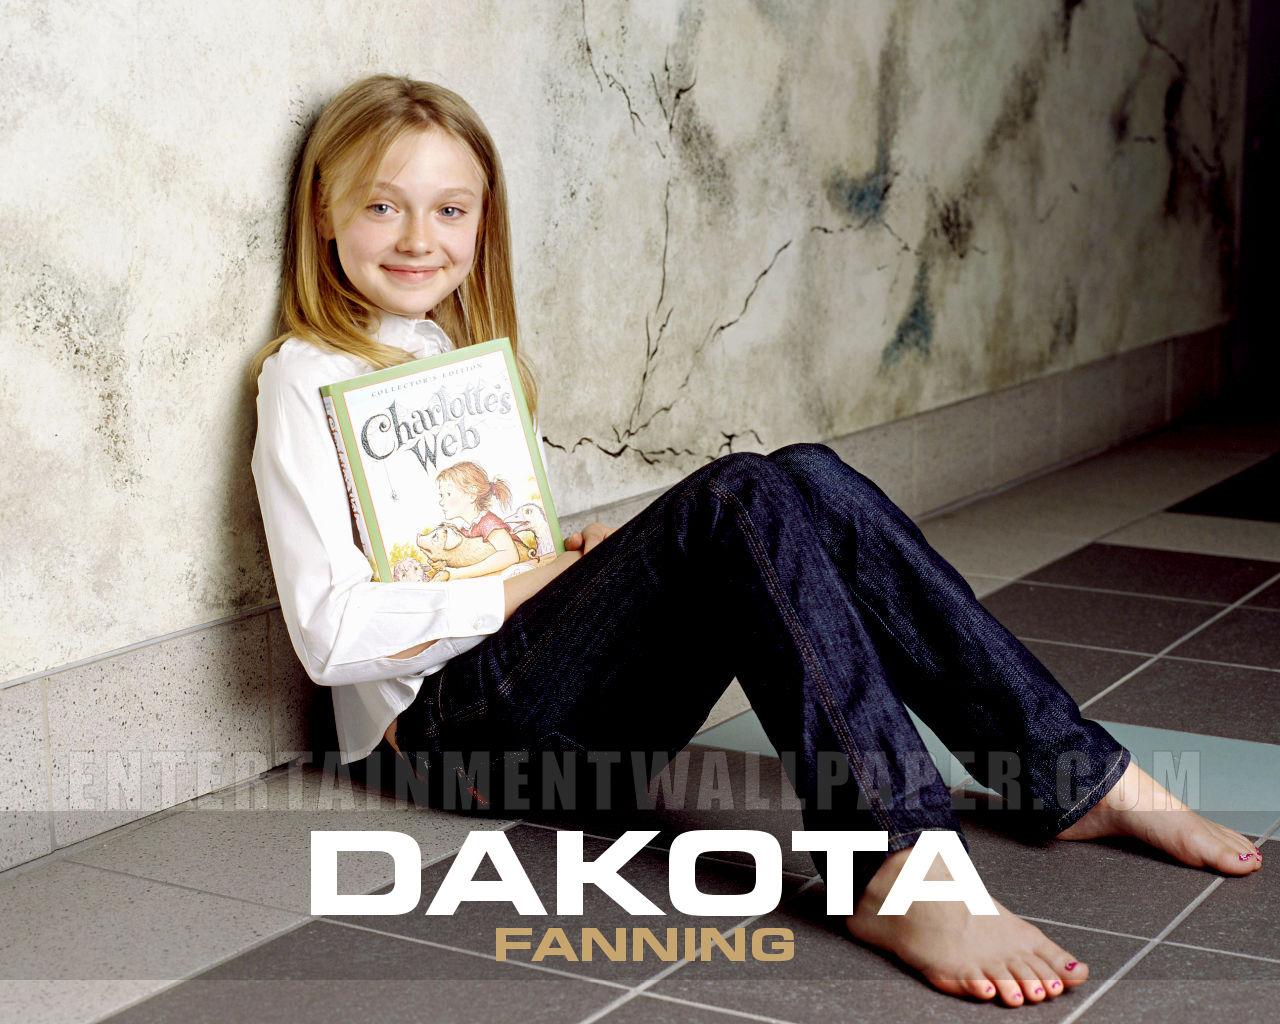 http://3.bp.blogspot.com/-Ml5ABuP6wWk/UD3JtsDjZ-I/AAAAAAAAB2w/Di7Ike7dSAA/s1600/Dakota+Fanning_7.jpg